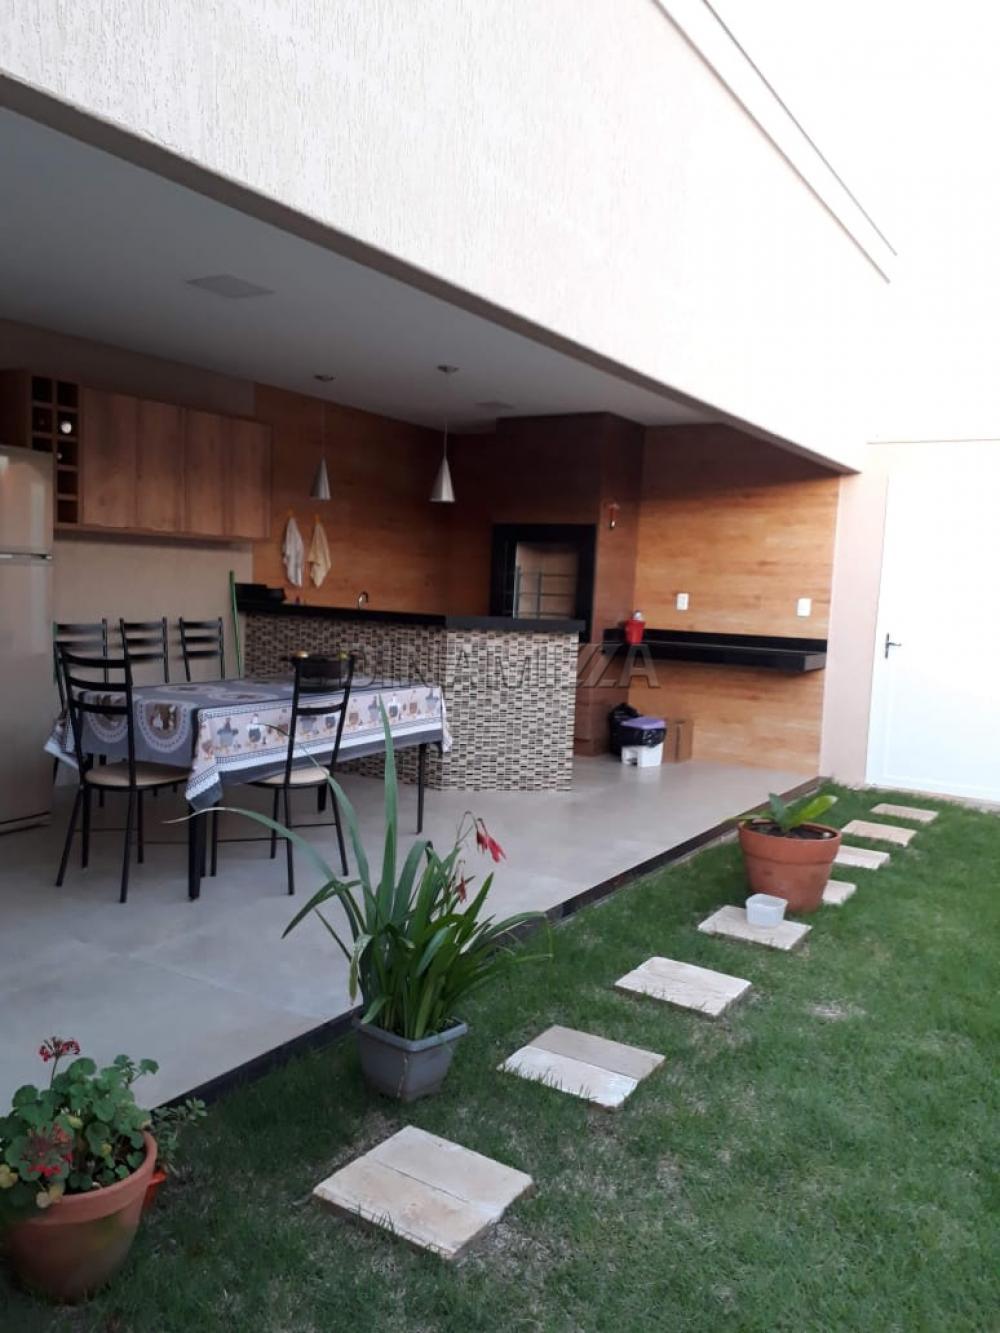 Comprar Casa / Padrão em Condomínio em Uberaba R$ 1.400.000,00 - Foto 7